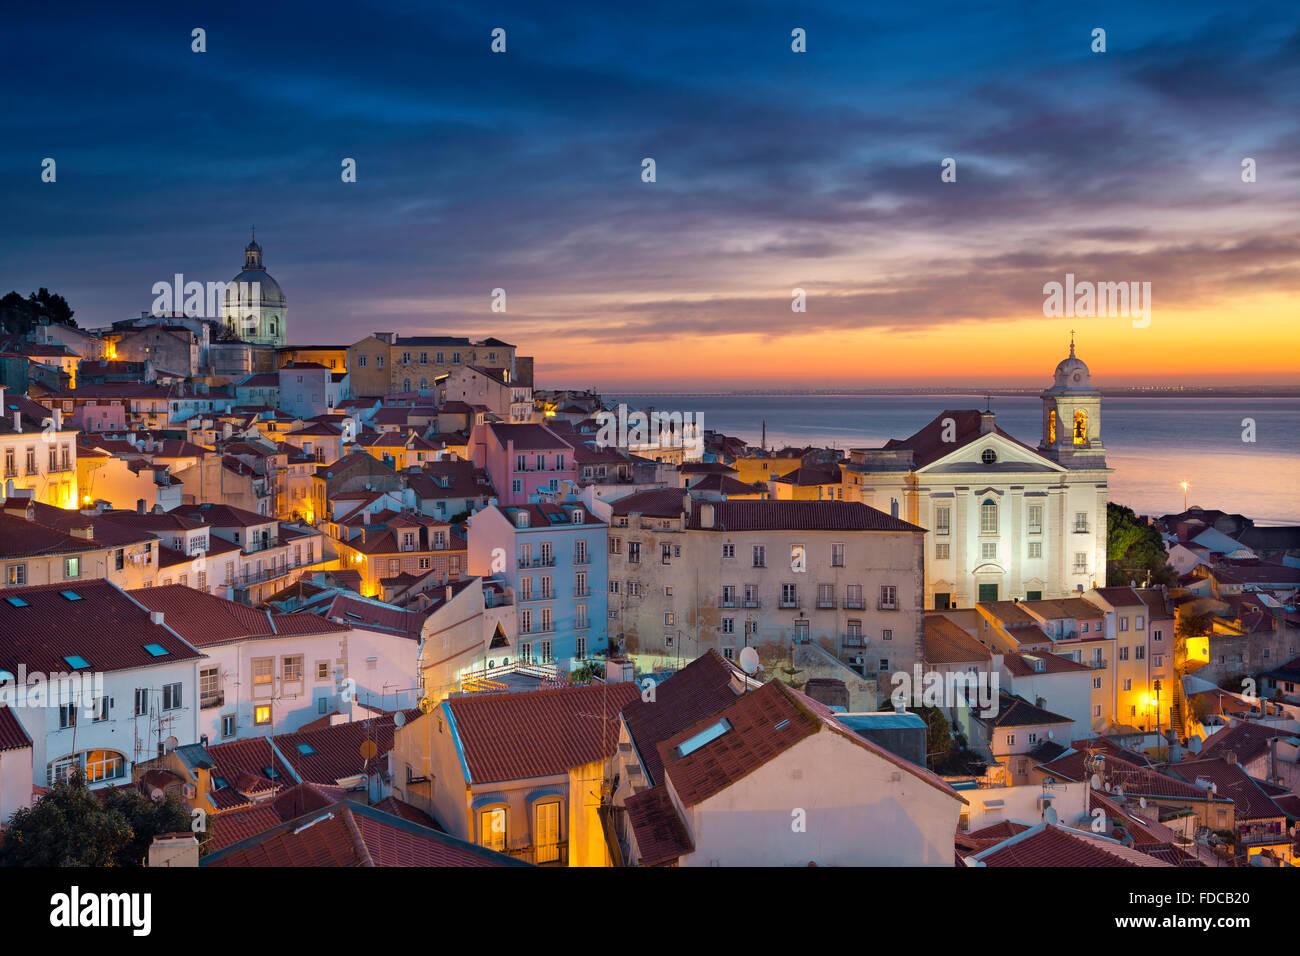 Lisboa. Imagen de Lisboa, Portugal, durante el dramático amanecer. Imagen De Stock